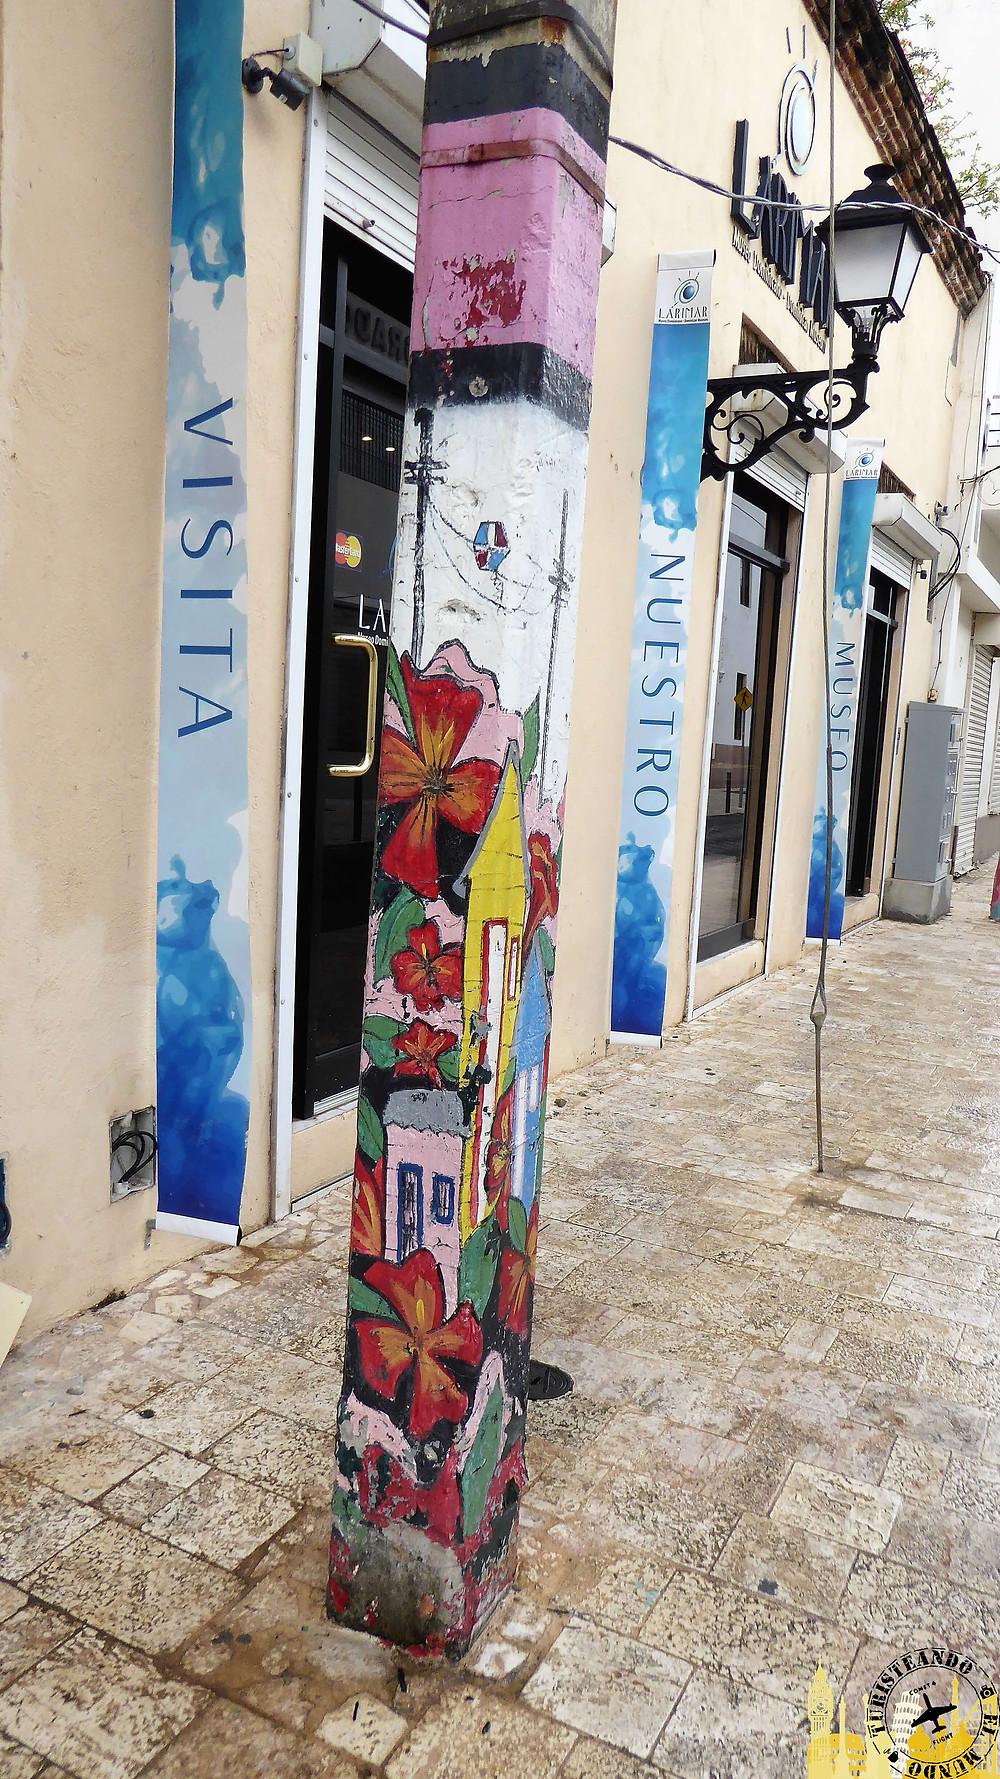 Arte urbano. Santo Domingo (Rep. Dominicana)